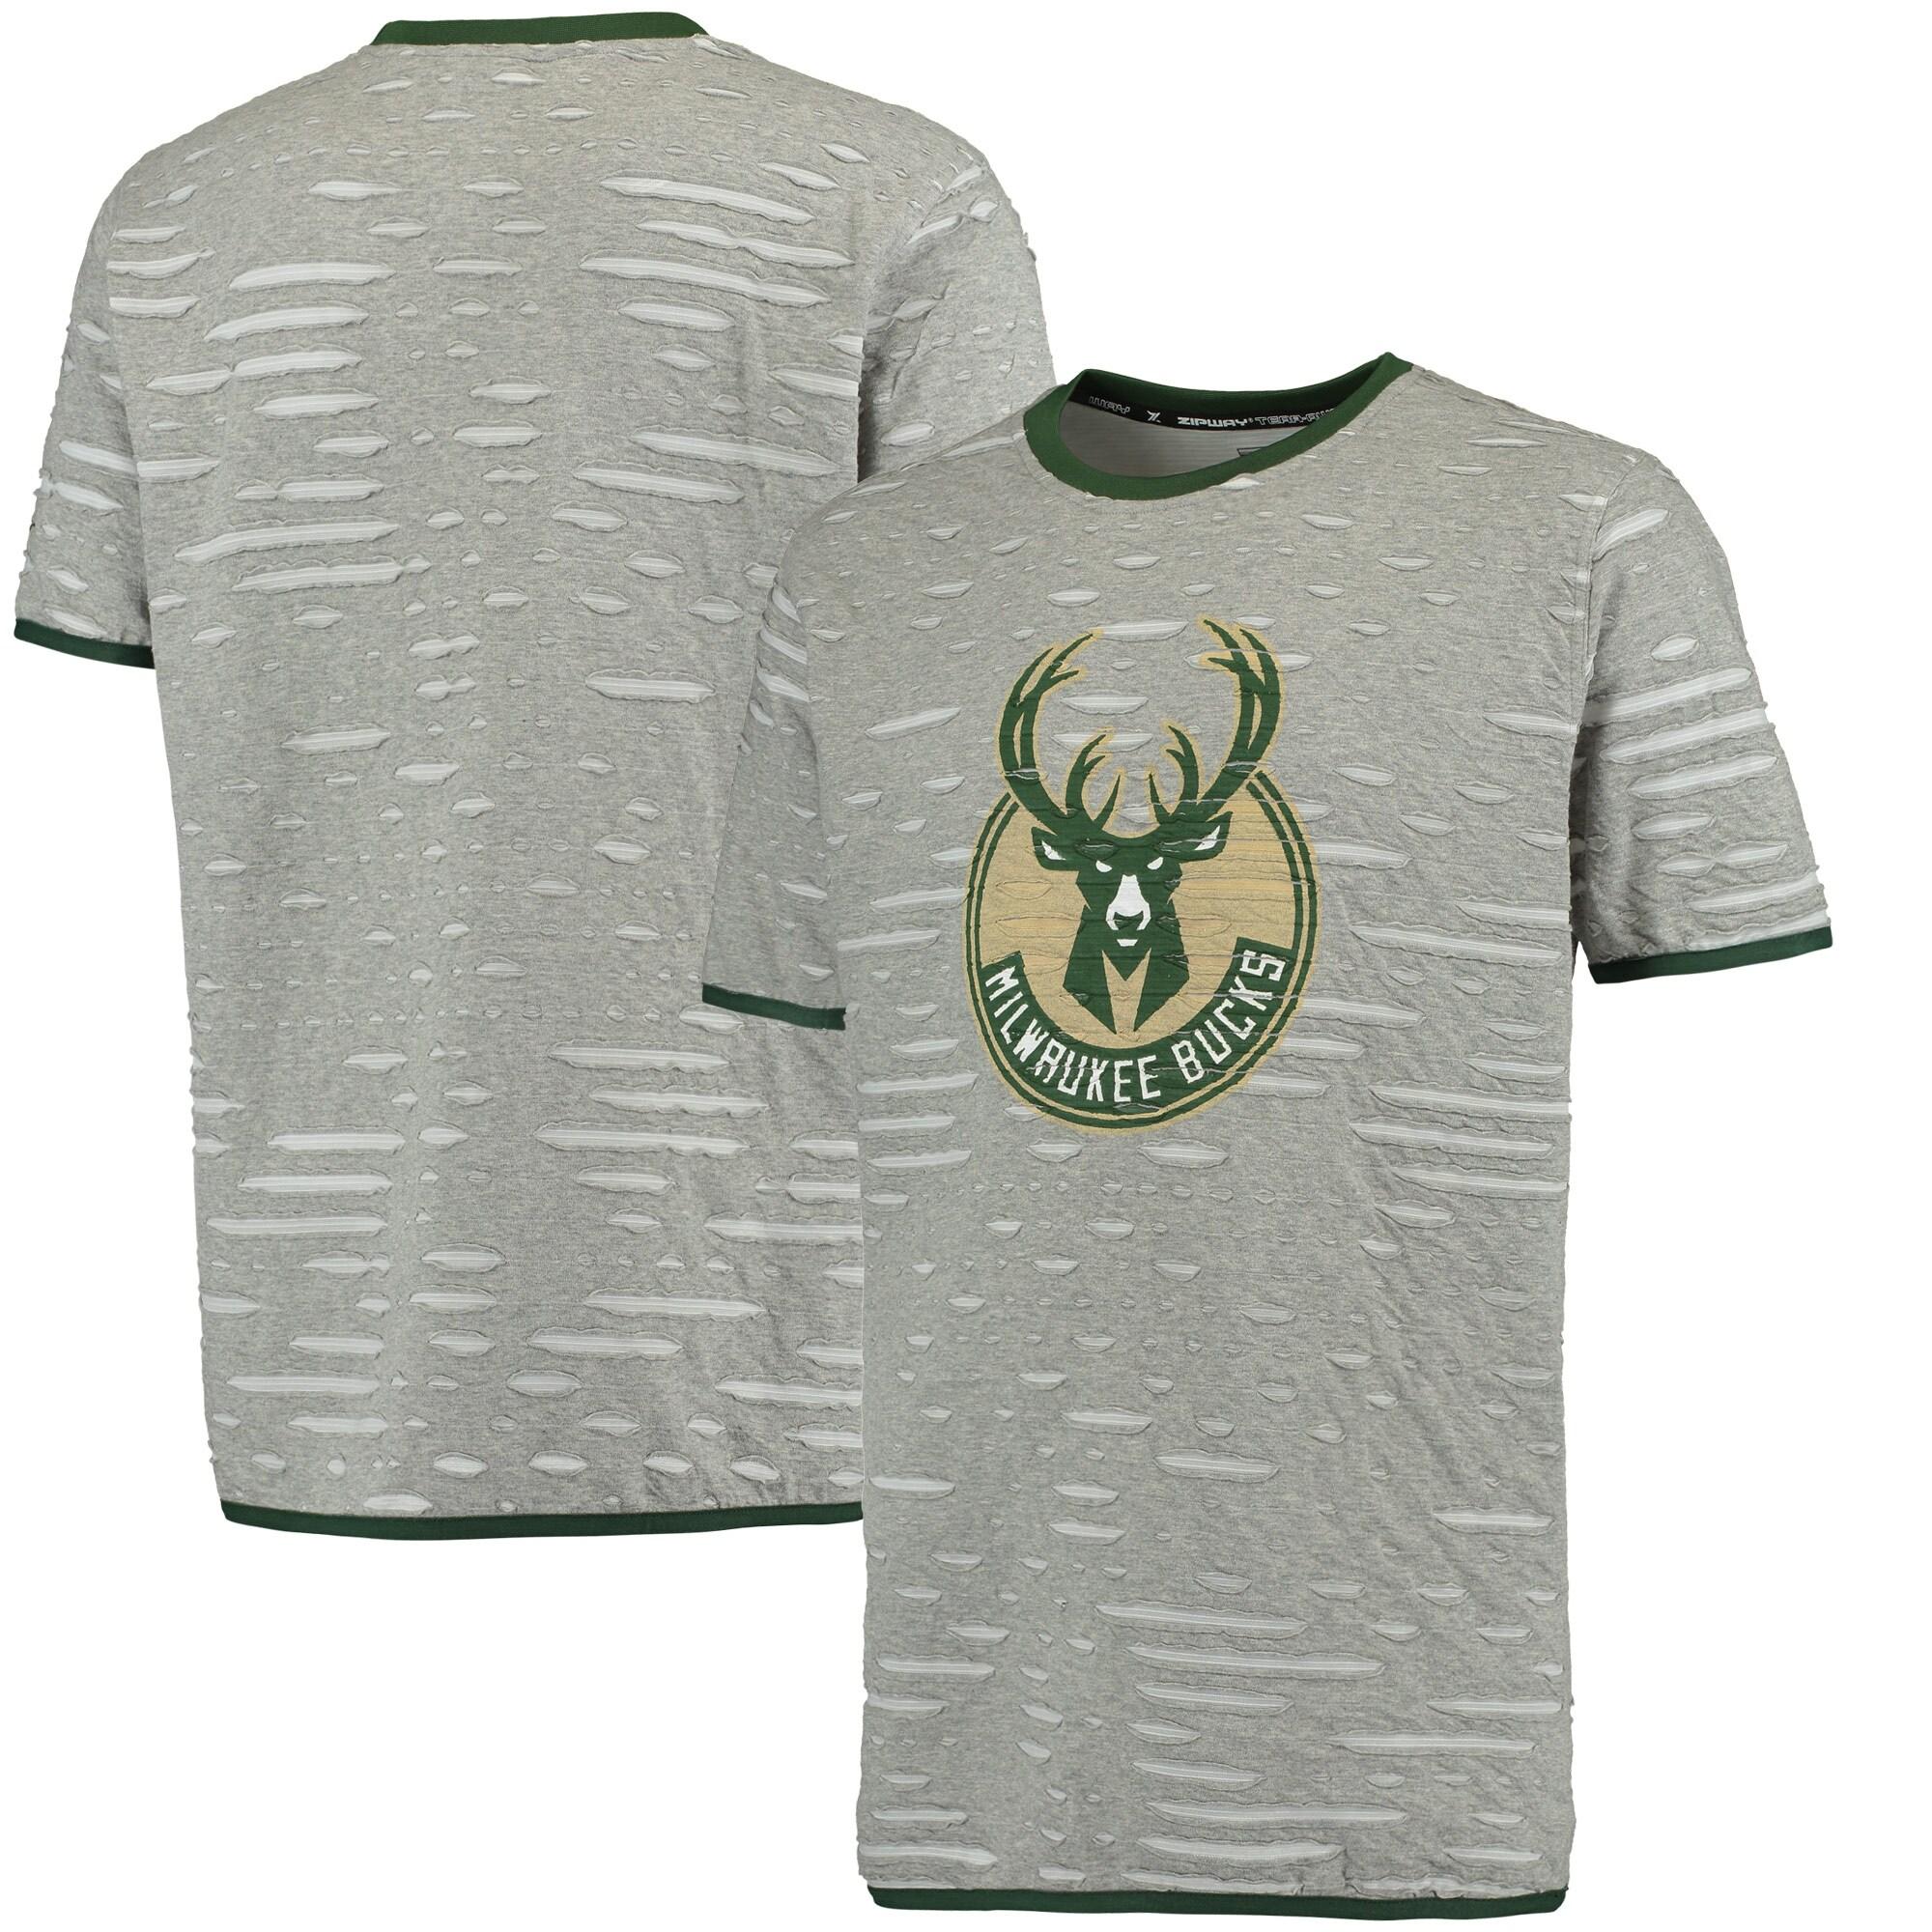 Milwaukee Bucks Zipway Ripped and Repaired T-Shirt - Gray